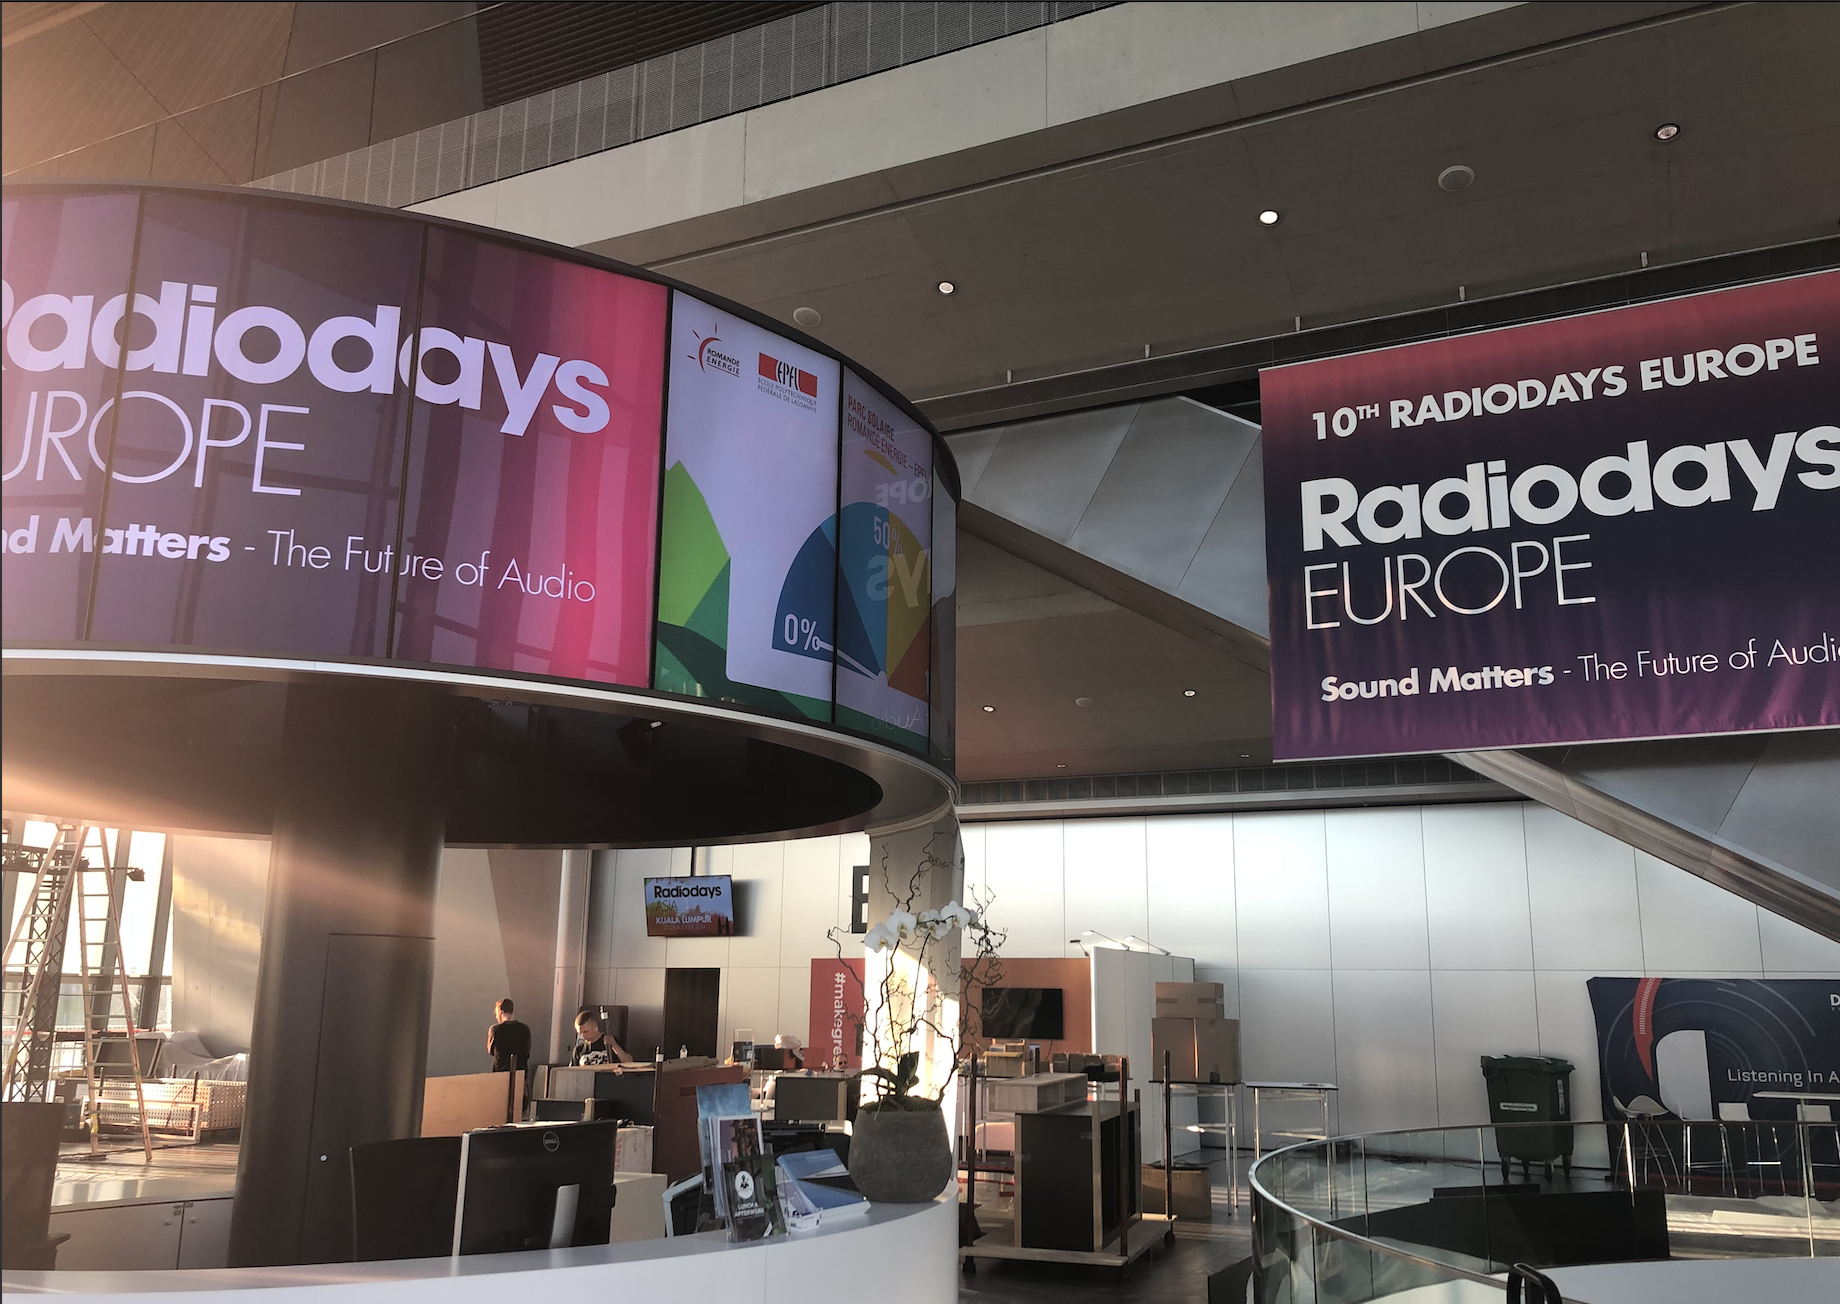 Radiodays Europe s'installe à Lausanne au coeur de l'EPFL.